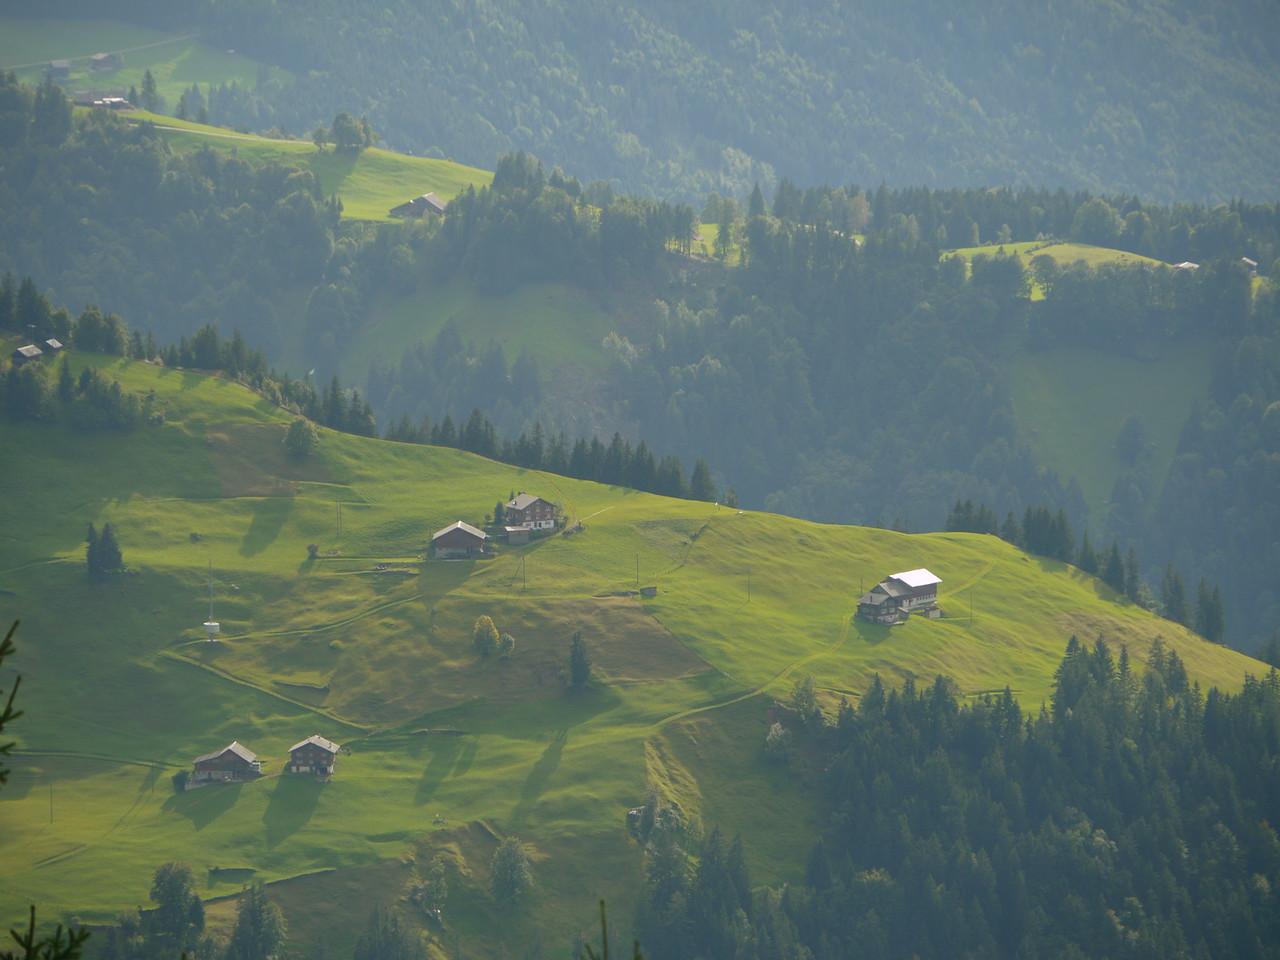 © RobAng 2010 - Kt. Uri, Schweiz/Switzerland